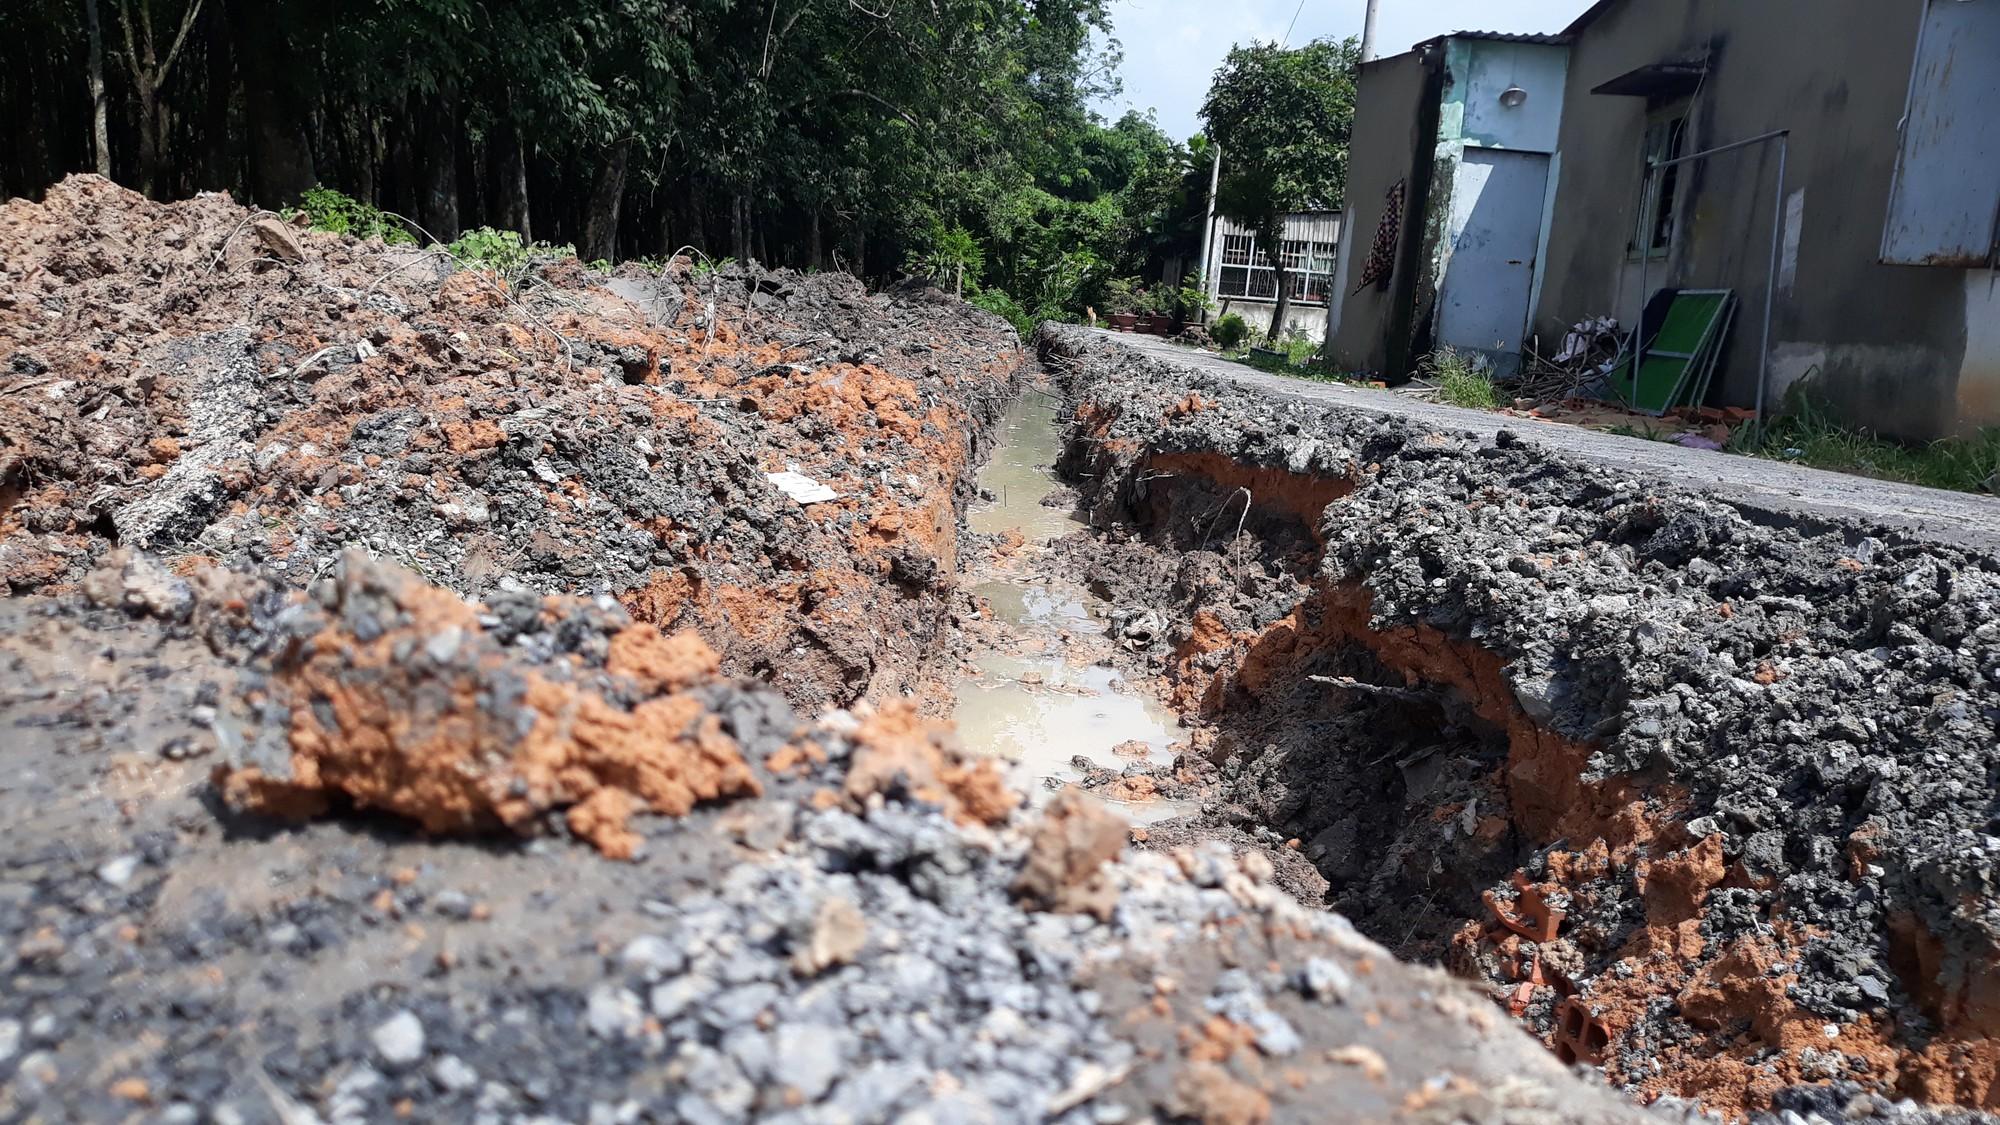 Vụ bỏ 200 triệu làm đường dân sinh: Đường nhựa đã bị phá nham nhở  - Ảnh 4.